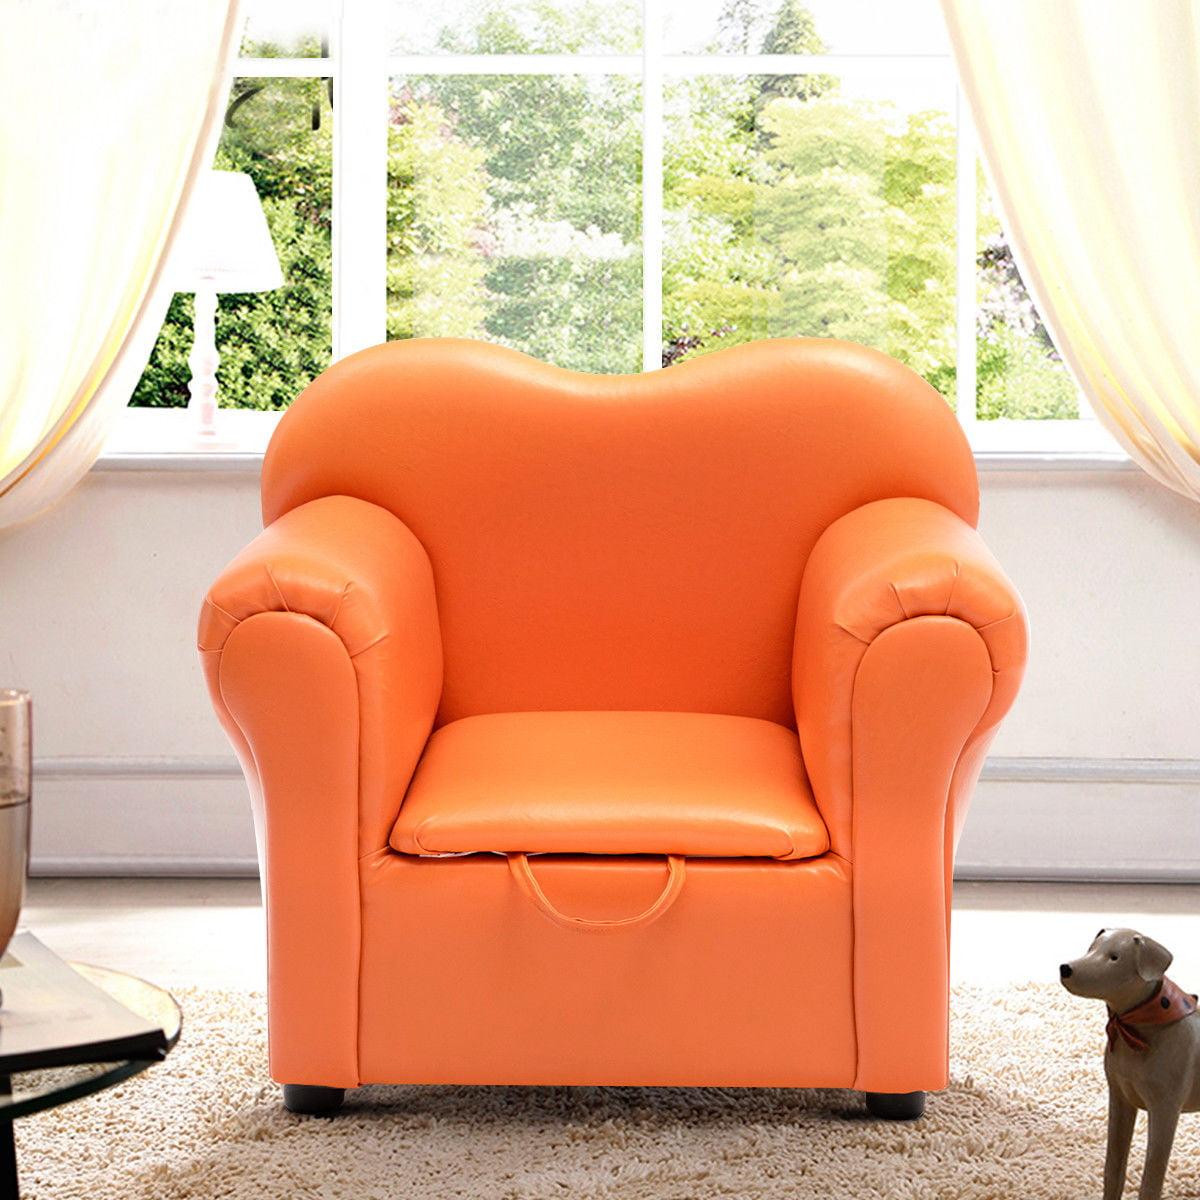 Costway Kids Sofa Armrest Chair Couch Children Birthday Gift Furniture W/ Storage Orange